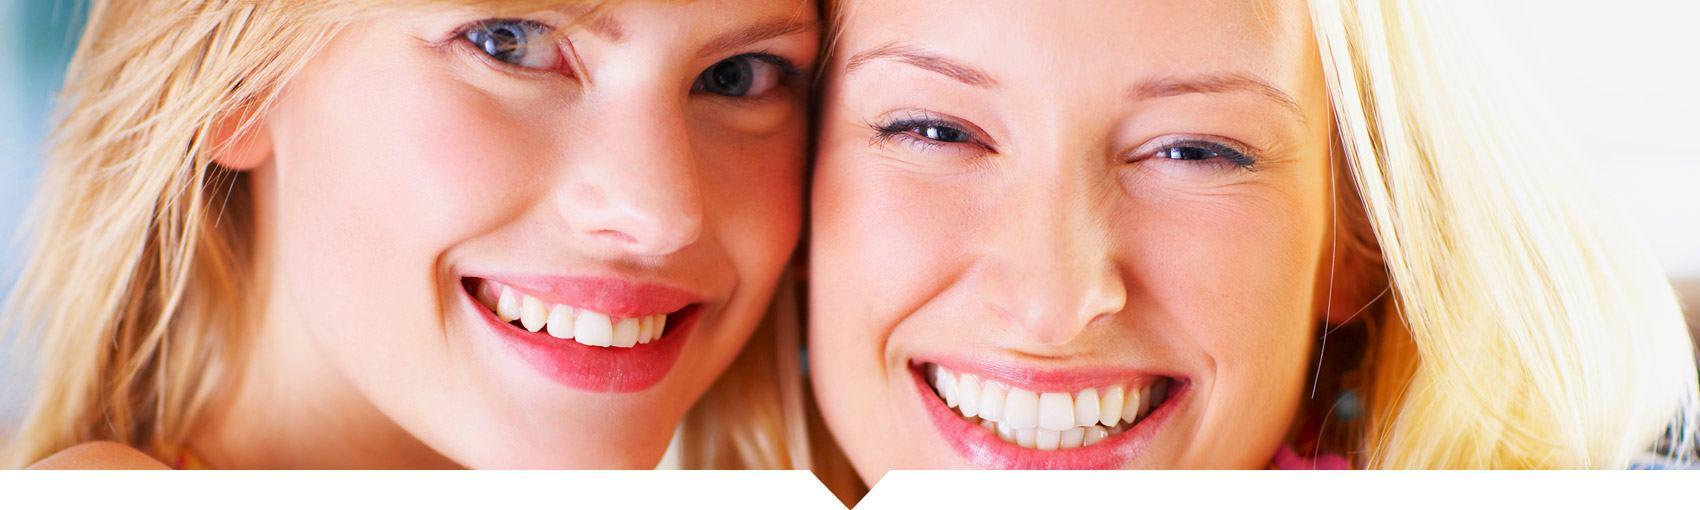 Ontario Dental Center - Blog